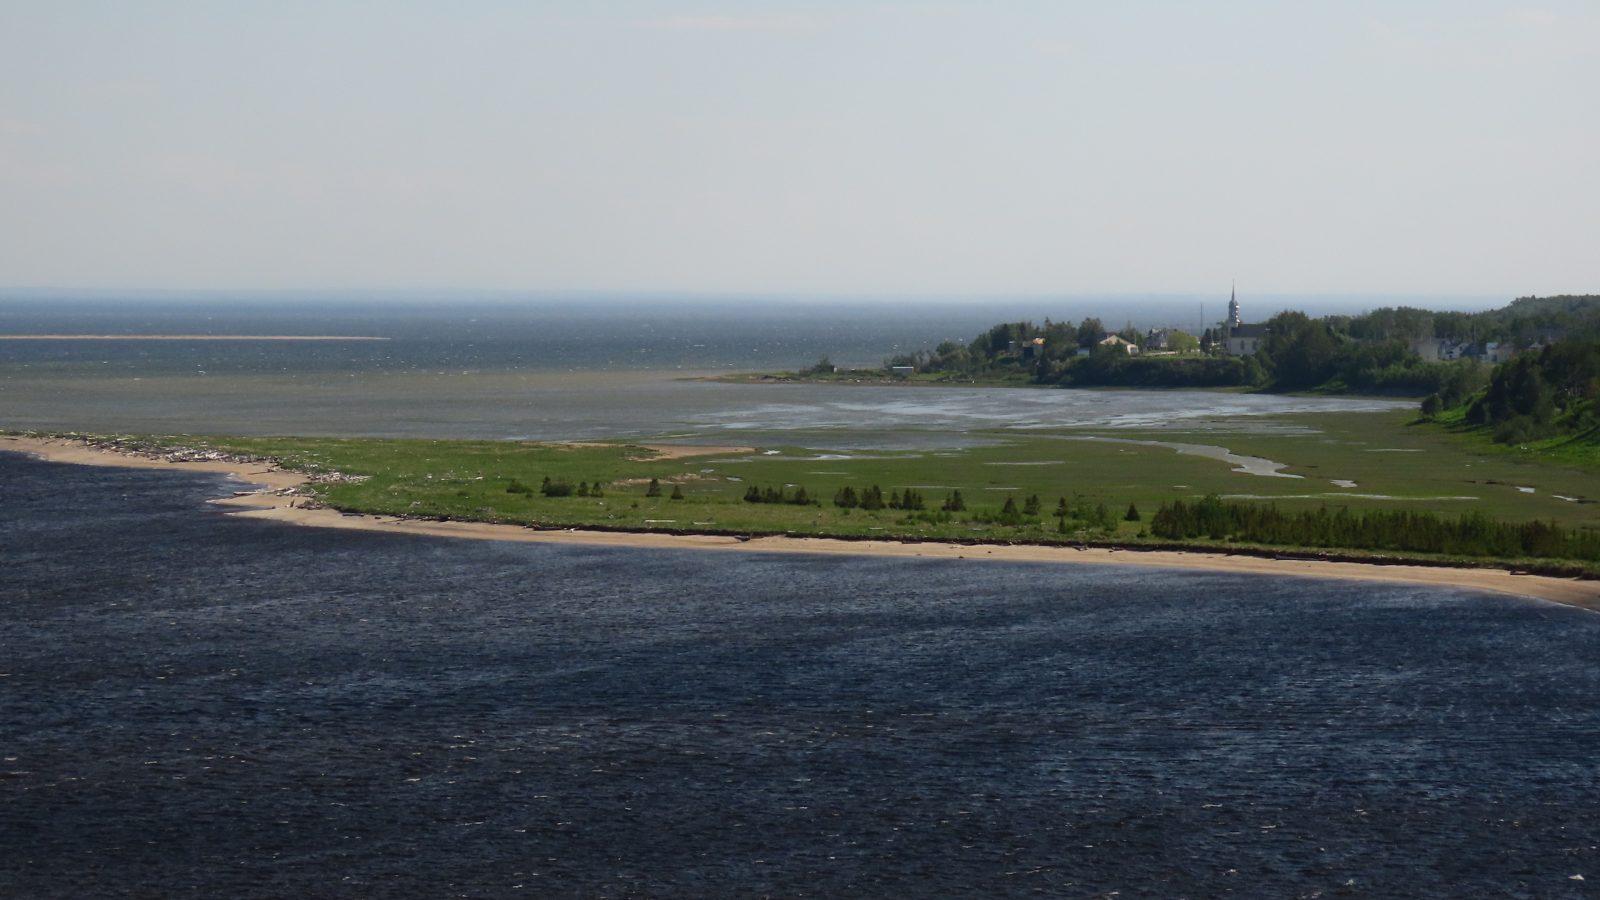 Portneuf-sur-Mer déploie des initiatives pour protéger son banc de sable